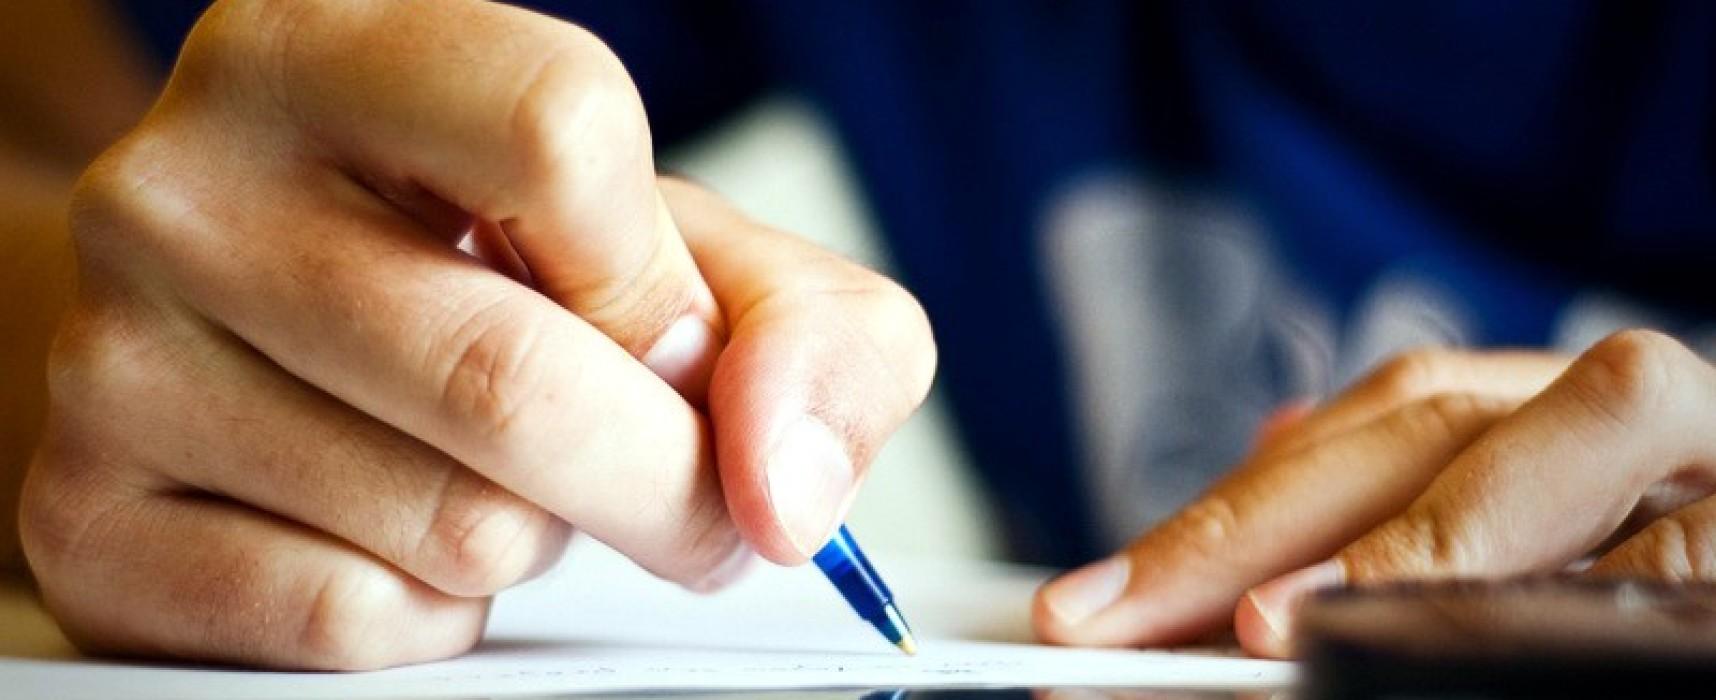 Как составить письменное обращение о приеме на работу?